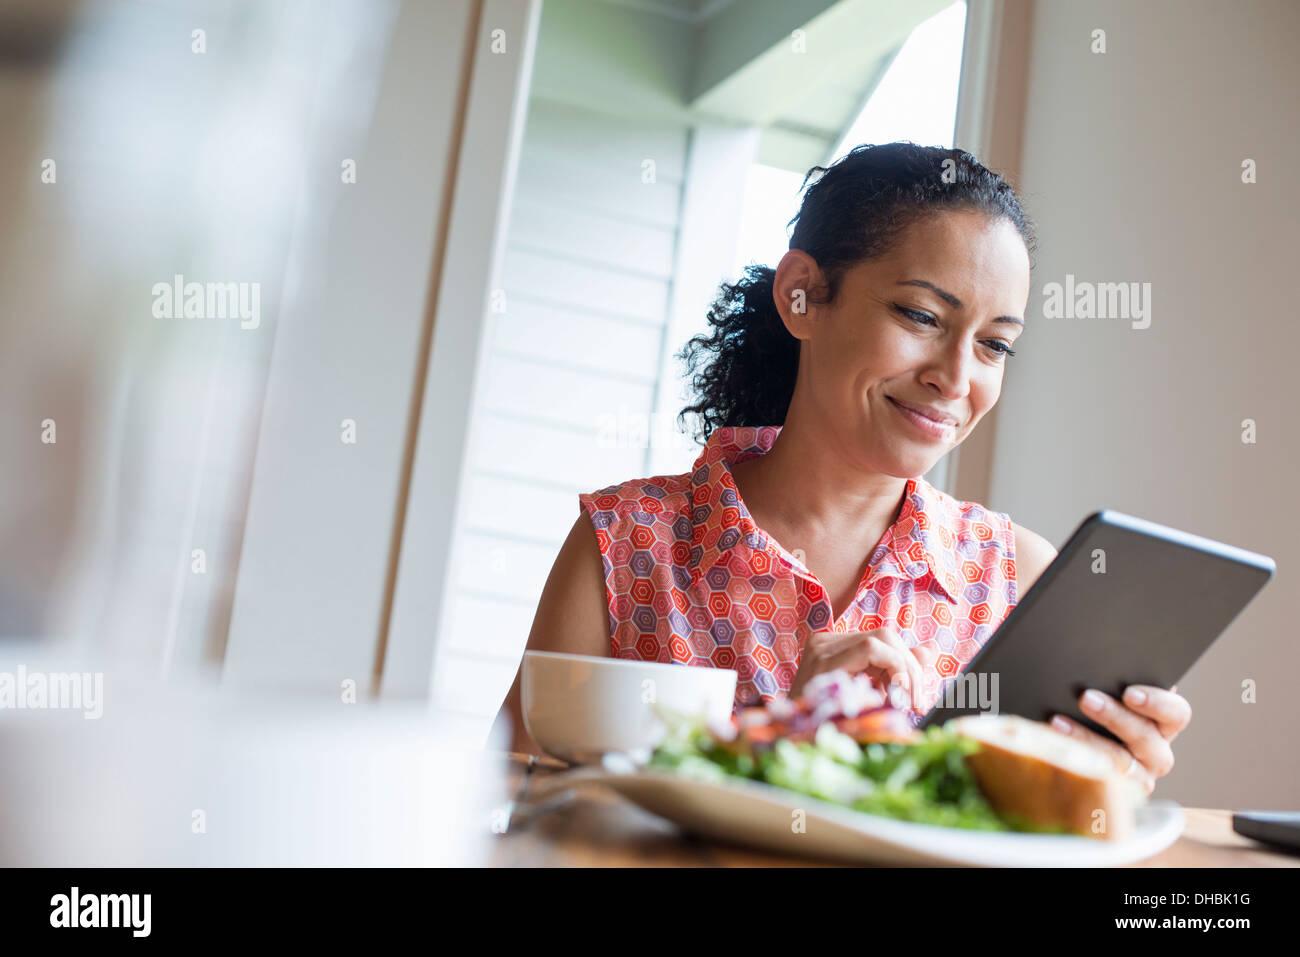 Une jeune femme en train de lire l'écran d'une tablette numérique, assis à une table. Le café et un sandwich. Photo Stock